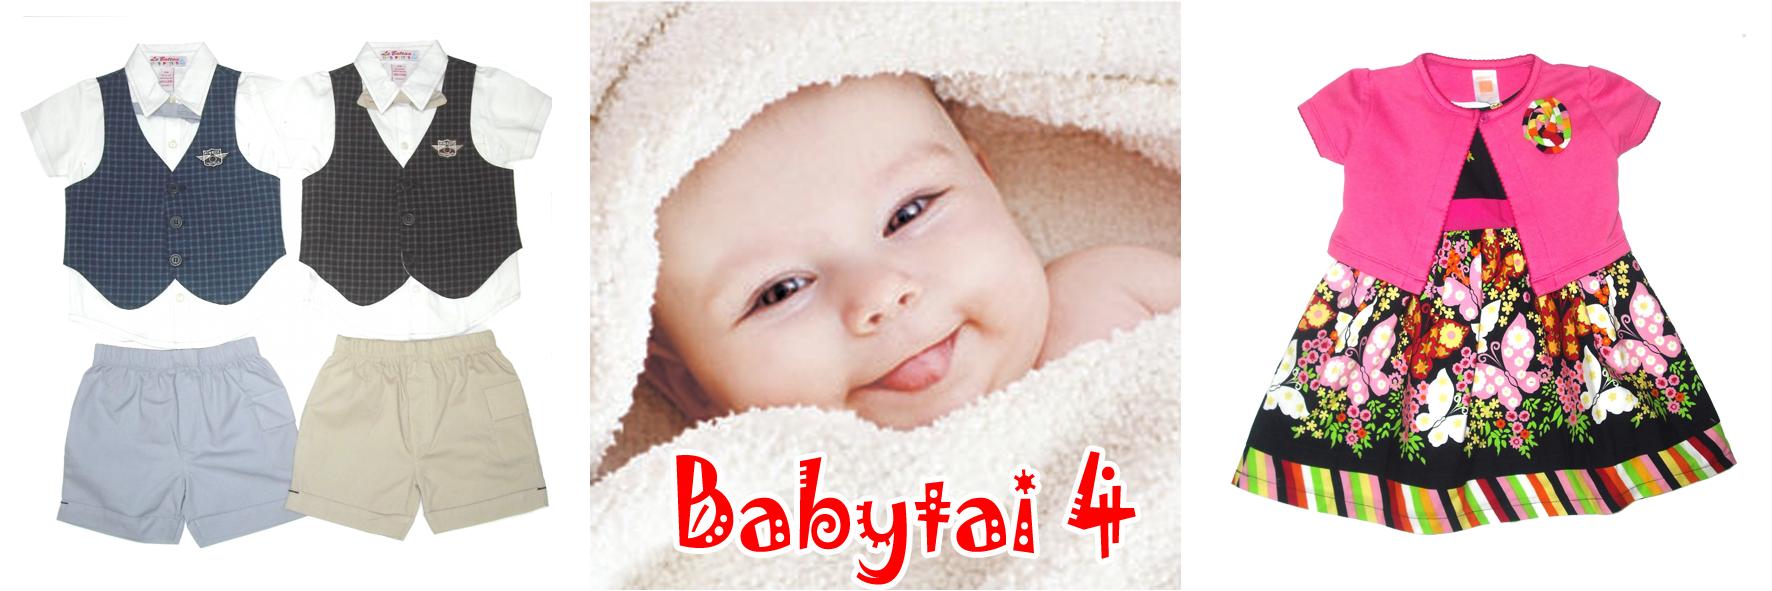 Сбор заказов. Babytai - большой выбор детской одежды от 0 и старше. Праздничные платья и костюмы. Выкуп 4